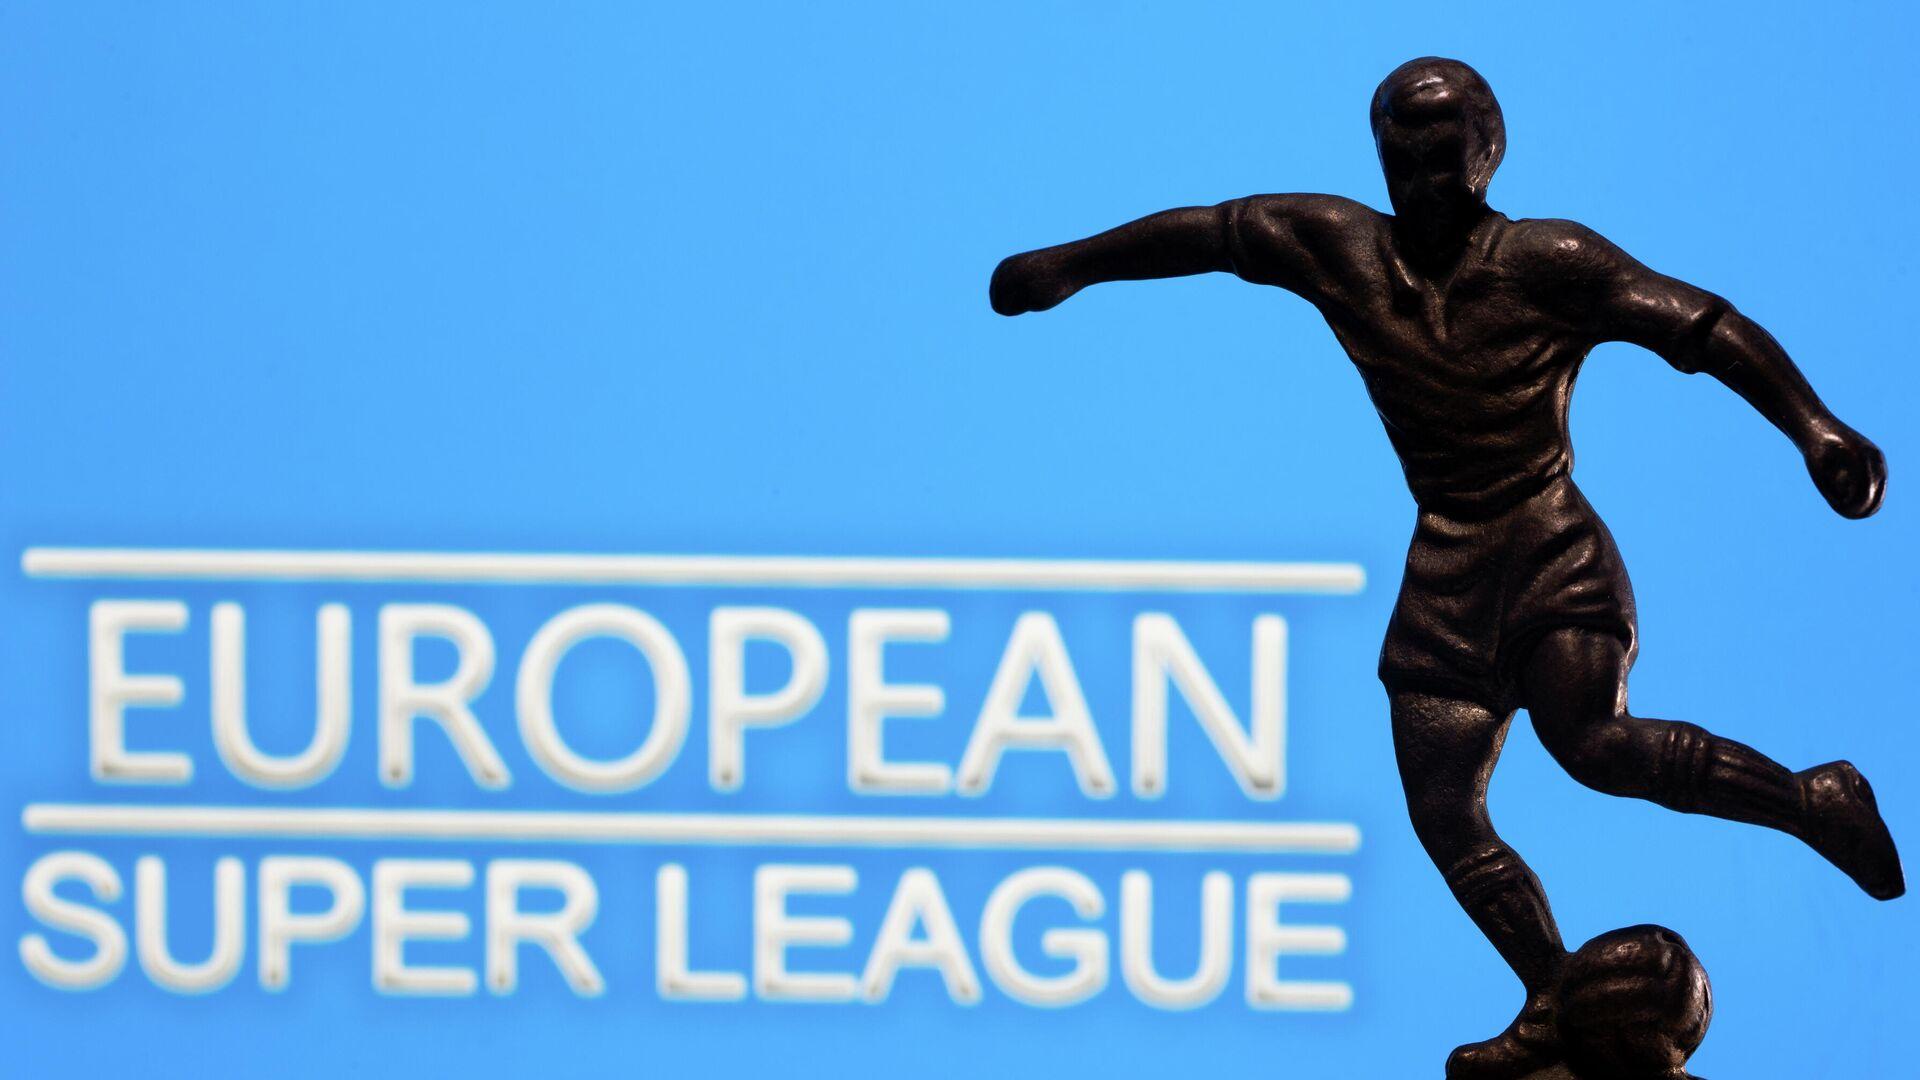 Logo de la Superliga europea - Sputnik Mundo, 1920, 12.05.2021